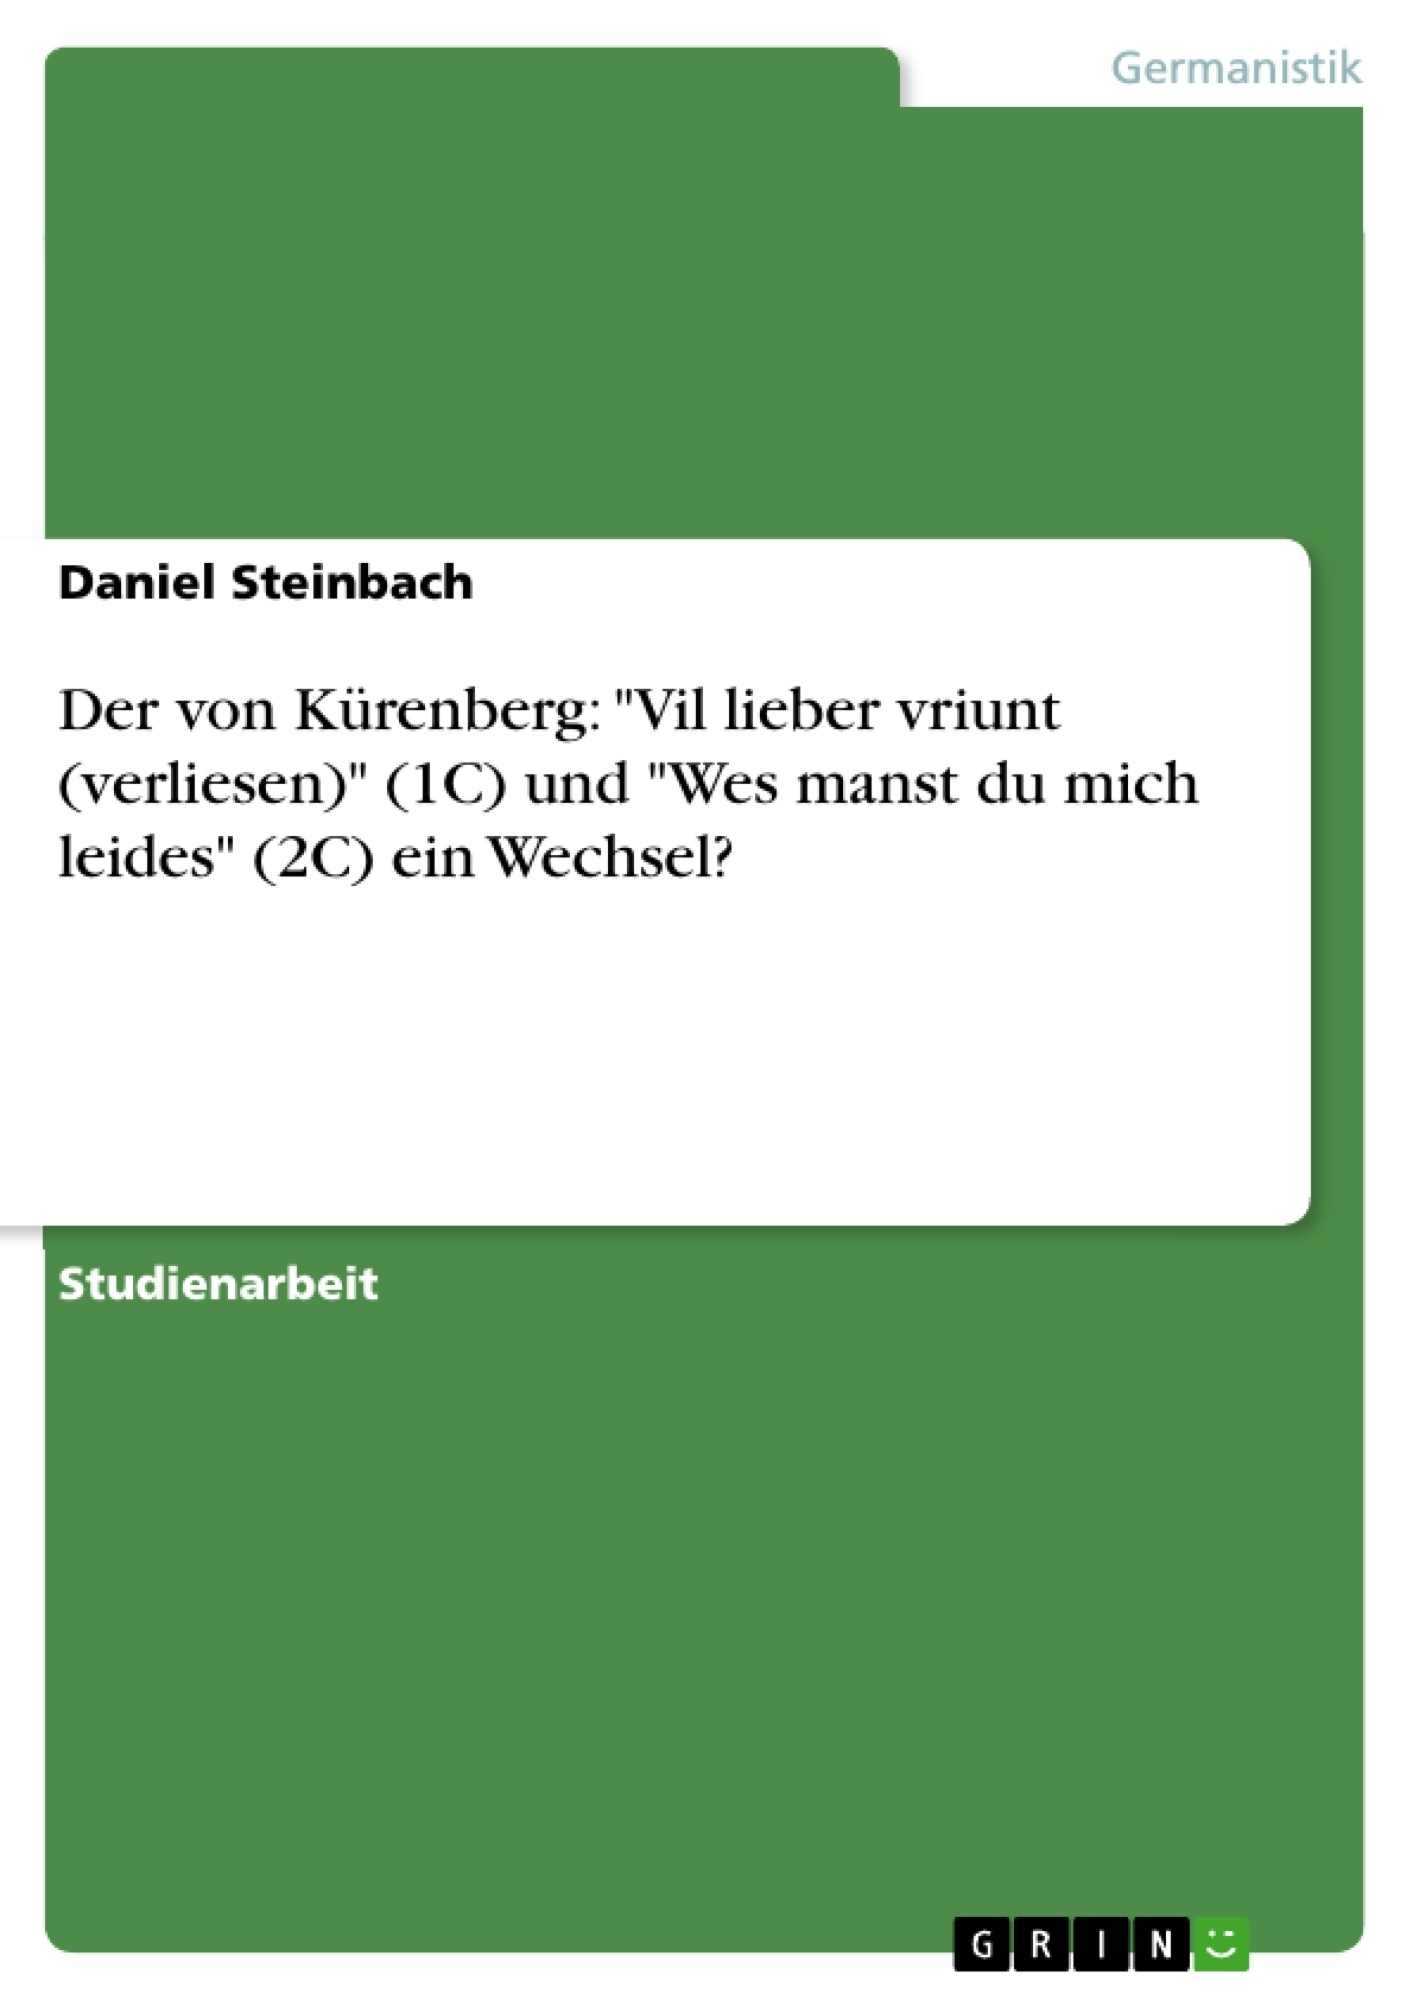 """Titel: Der von Kürenberg: """"Vil lieber vriunt (verliesen)"""" (1C) und """"Wes manst du mich leides"""" (2C) ein Wechsel?"""